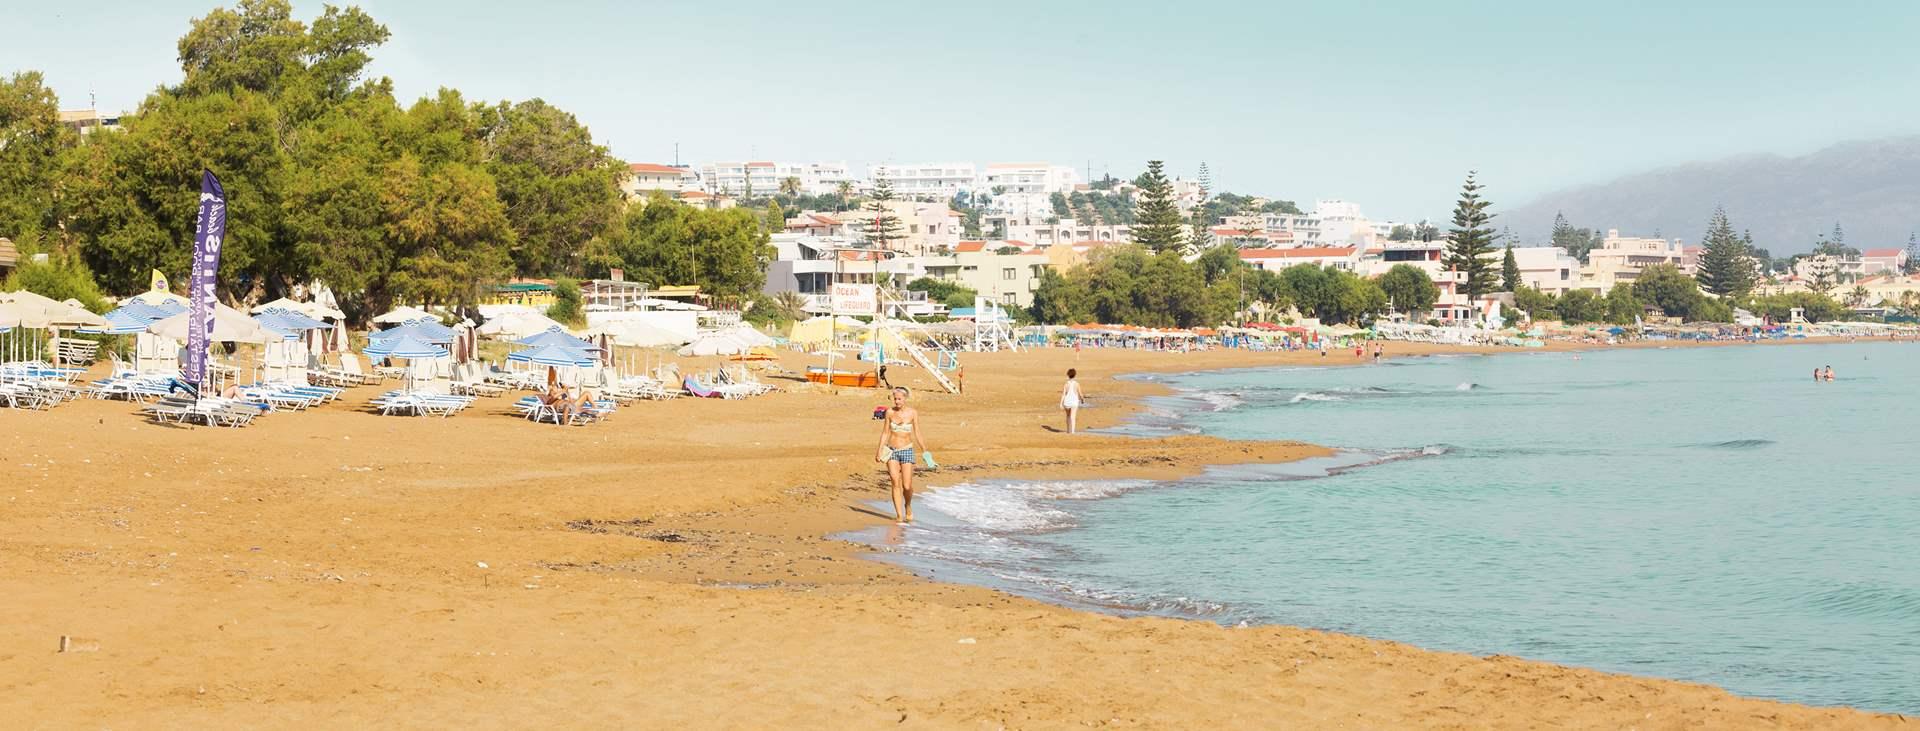 Reiser til Kato Stalos og Kalamaki på Kreta